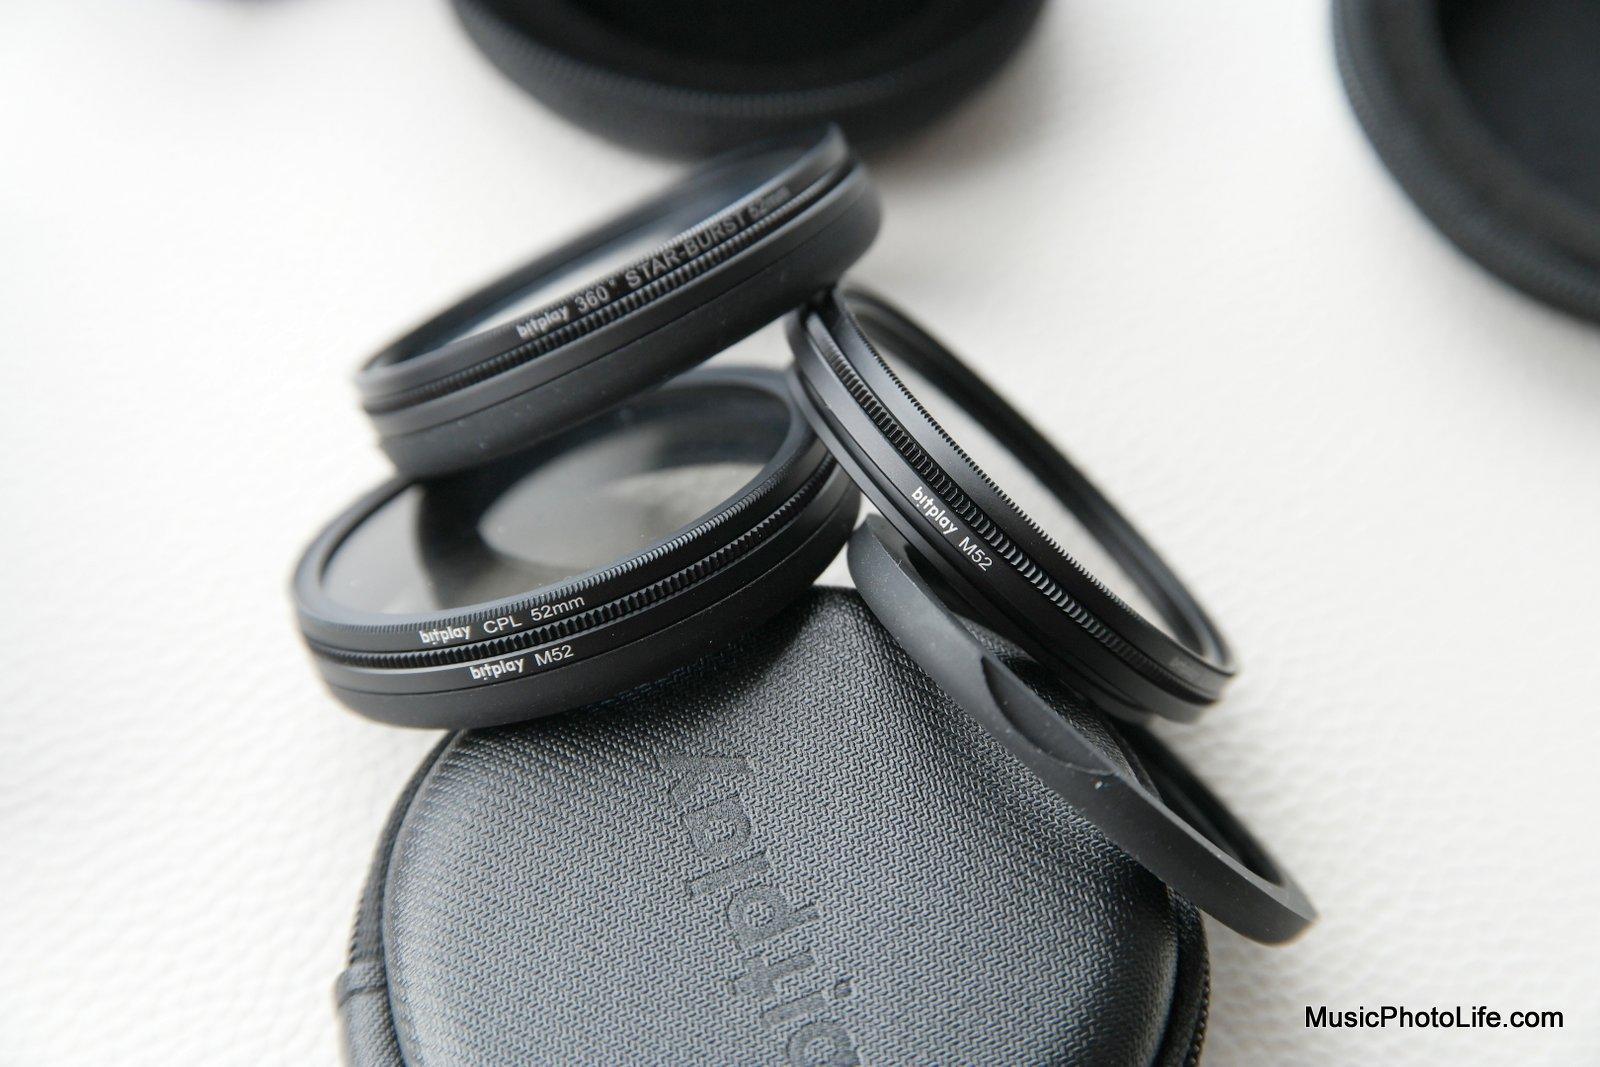 bitplay smartphone lens filter review by musicphotolife.com, Singapore consumer tech blogger